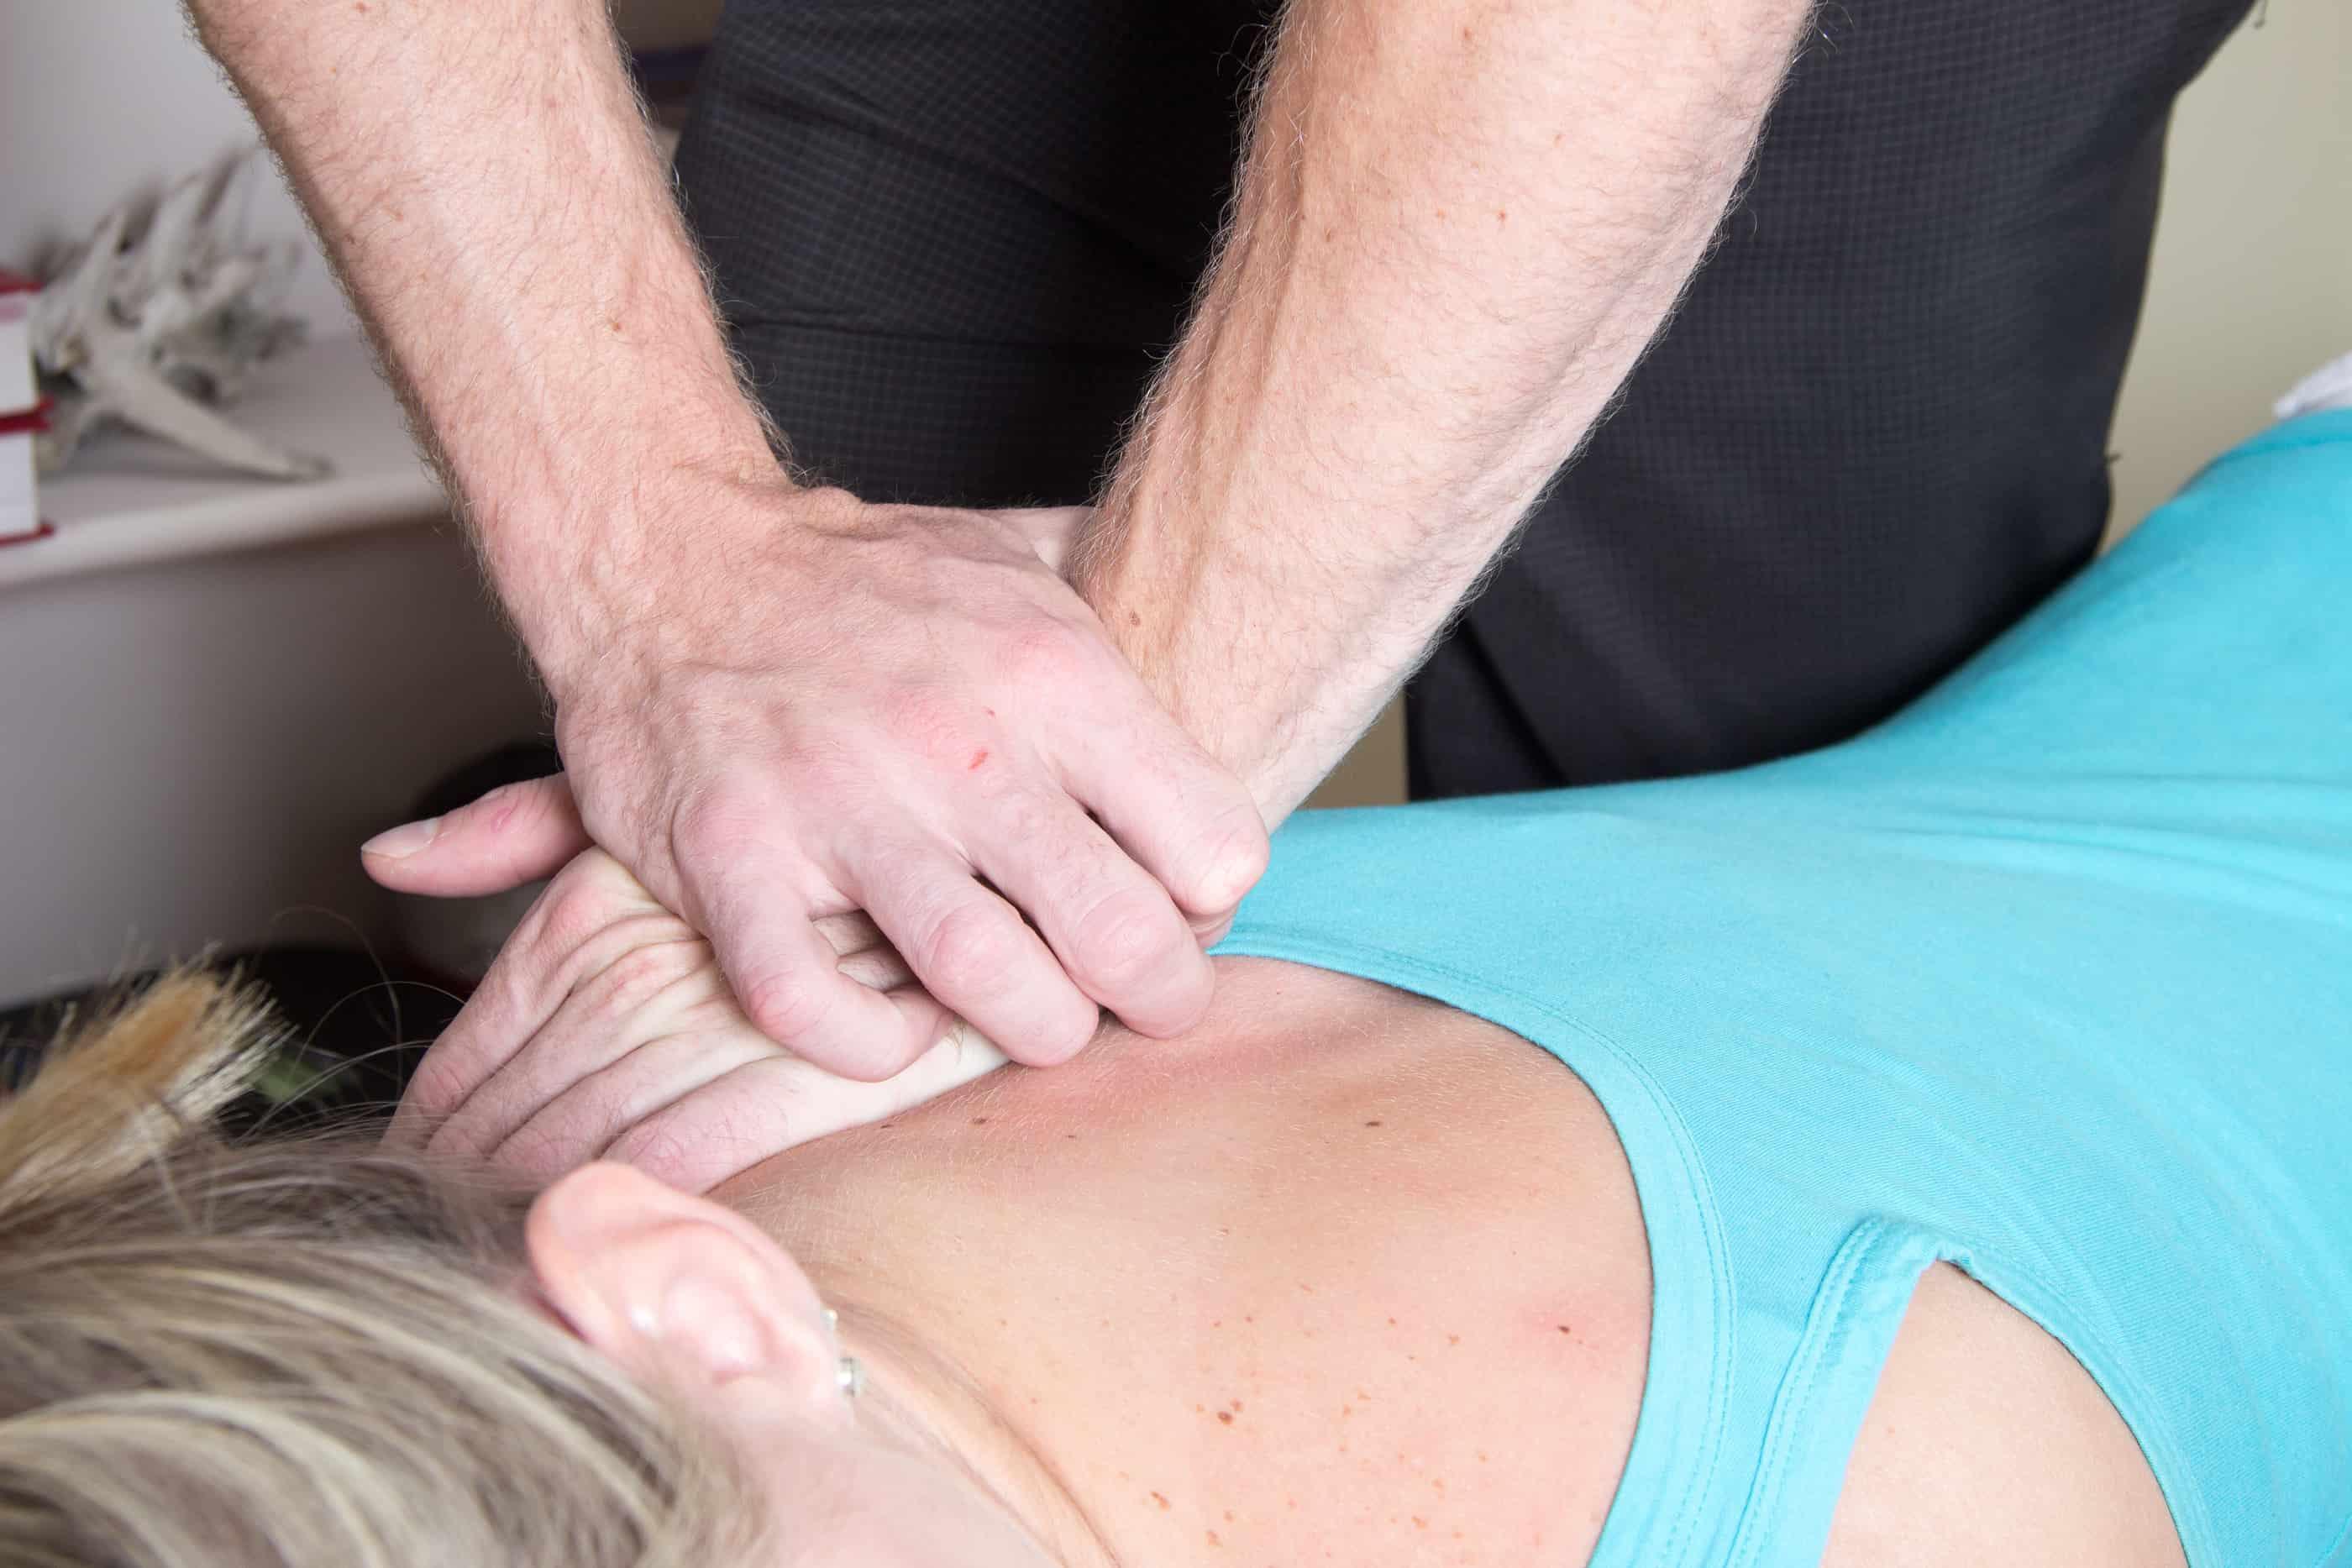 Les 3 options de soins chiropratiques